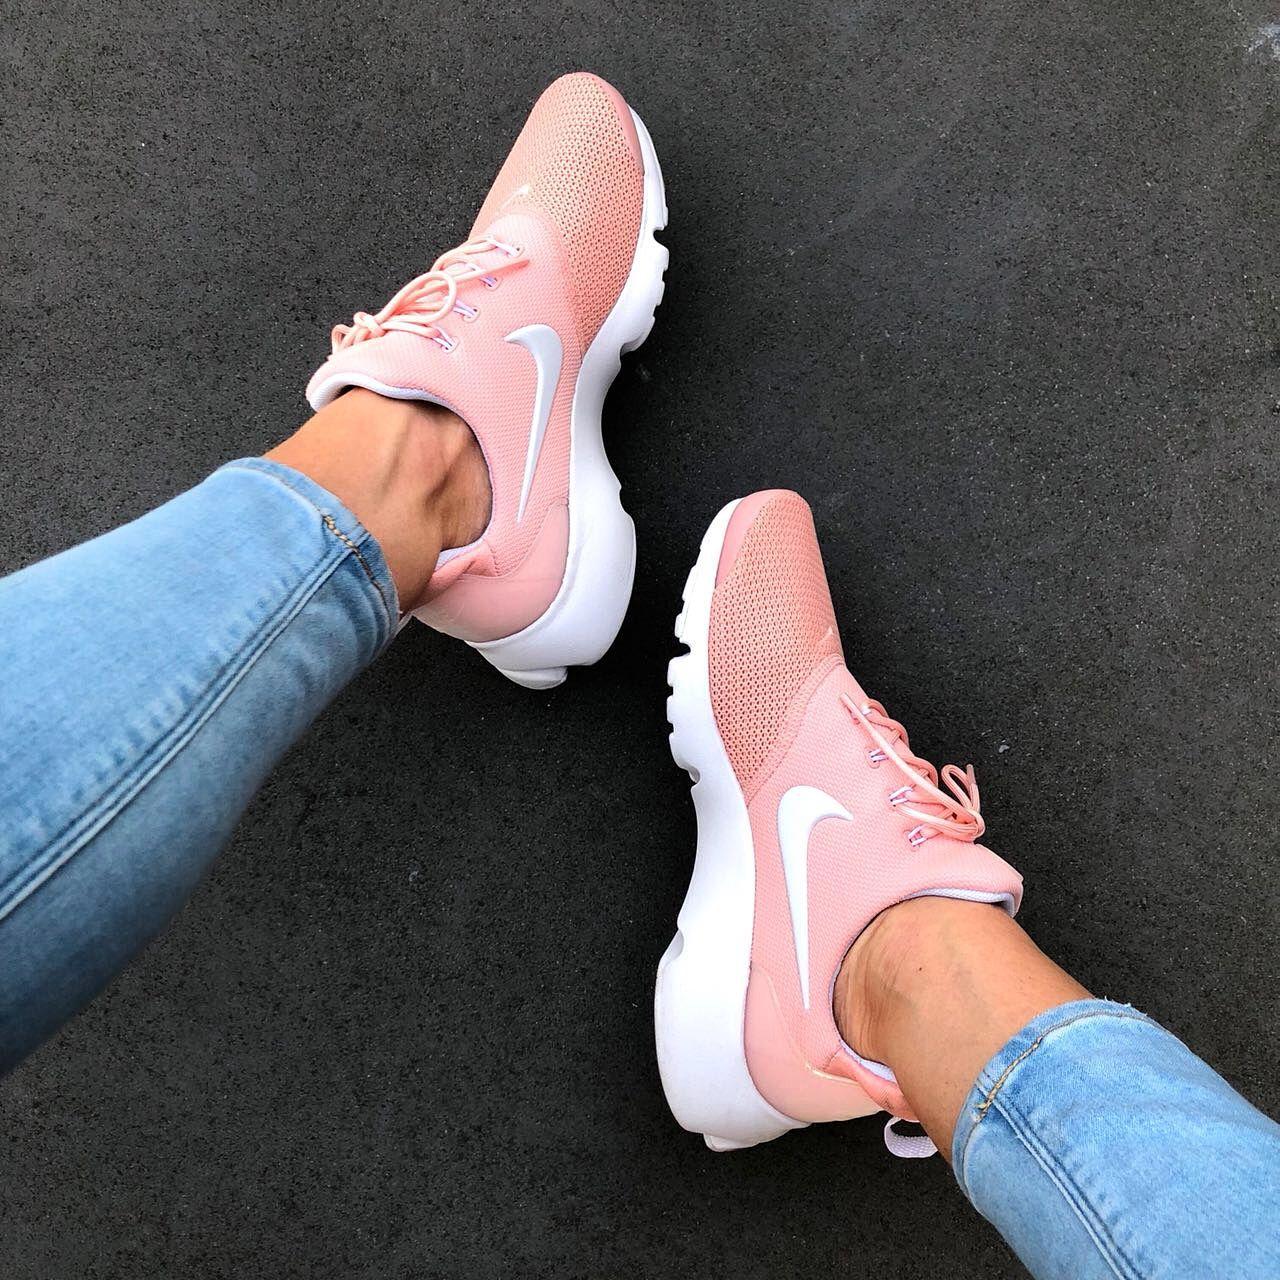 Nike Presto Fly Coral Stardust White Snkraddicted Com Sommerschuhe Schuhe Damen Sommer Nike Presto